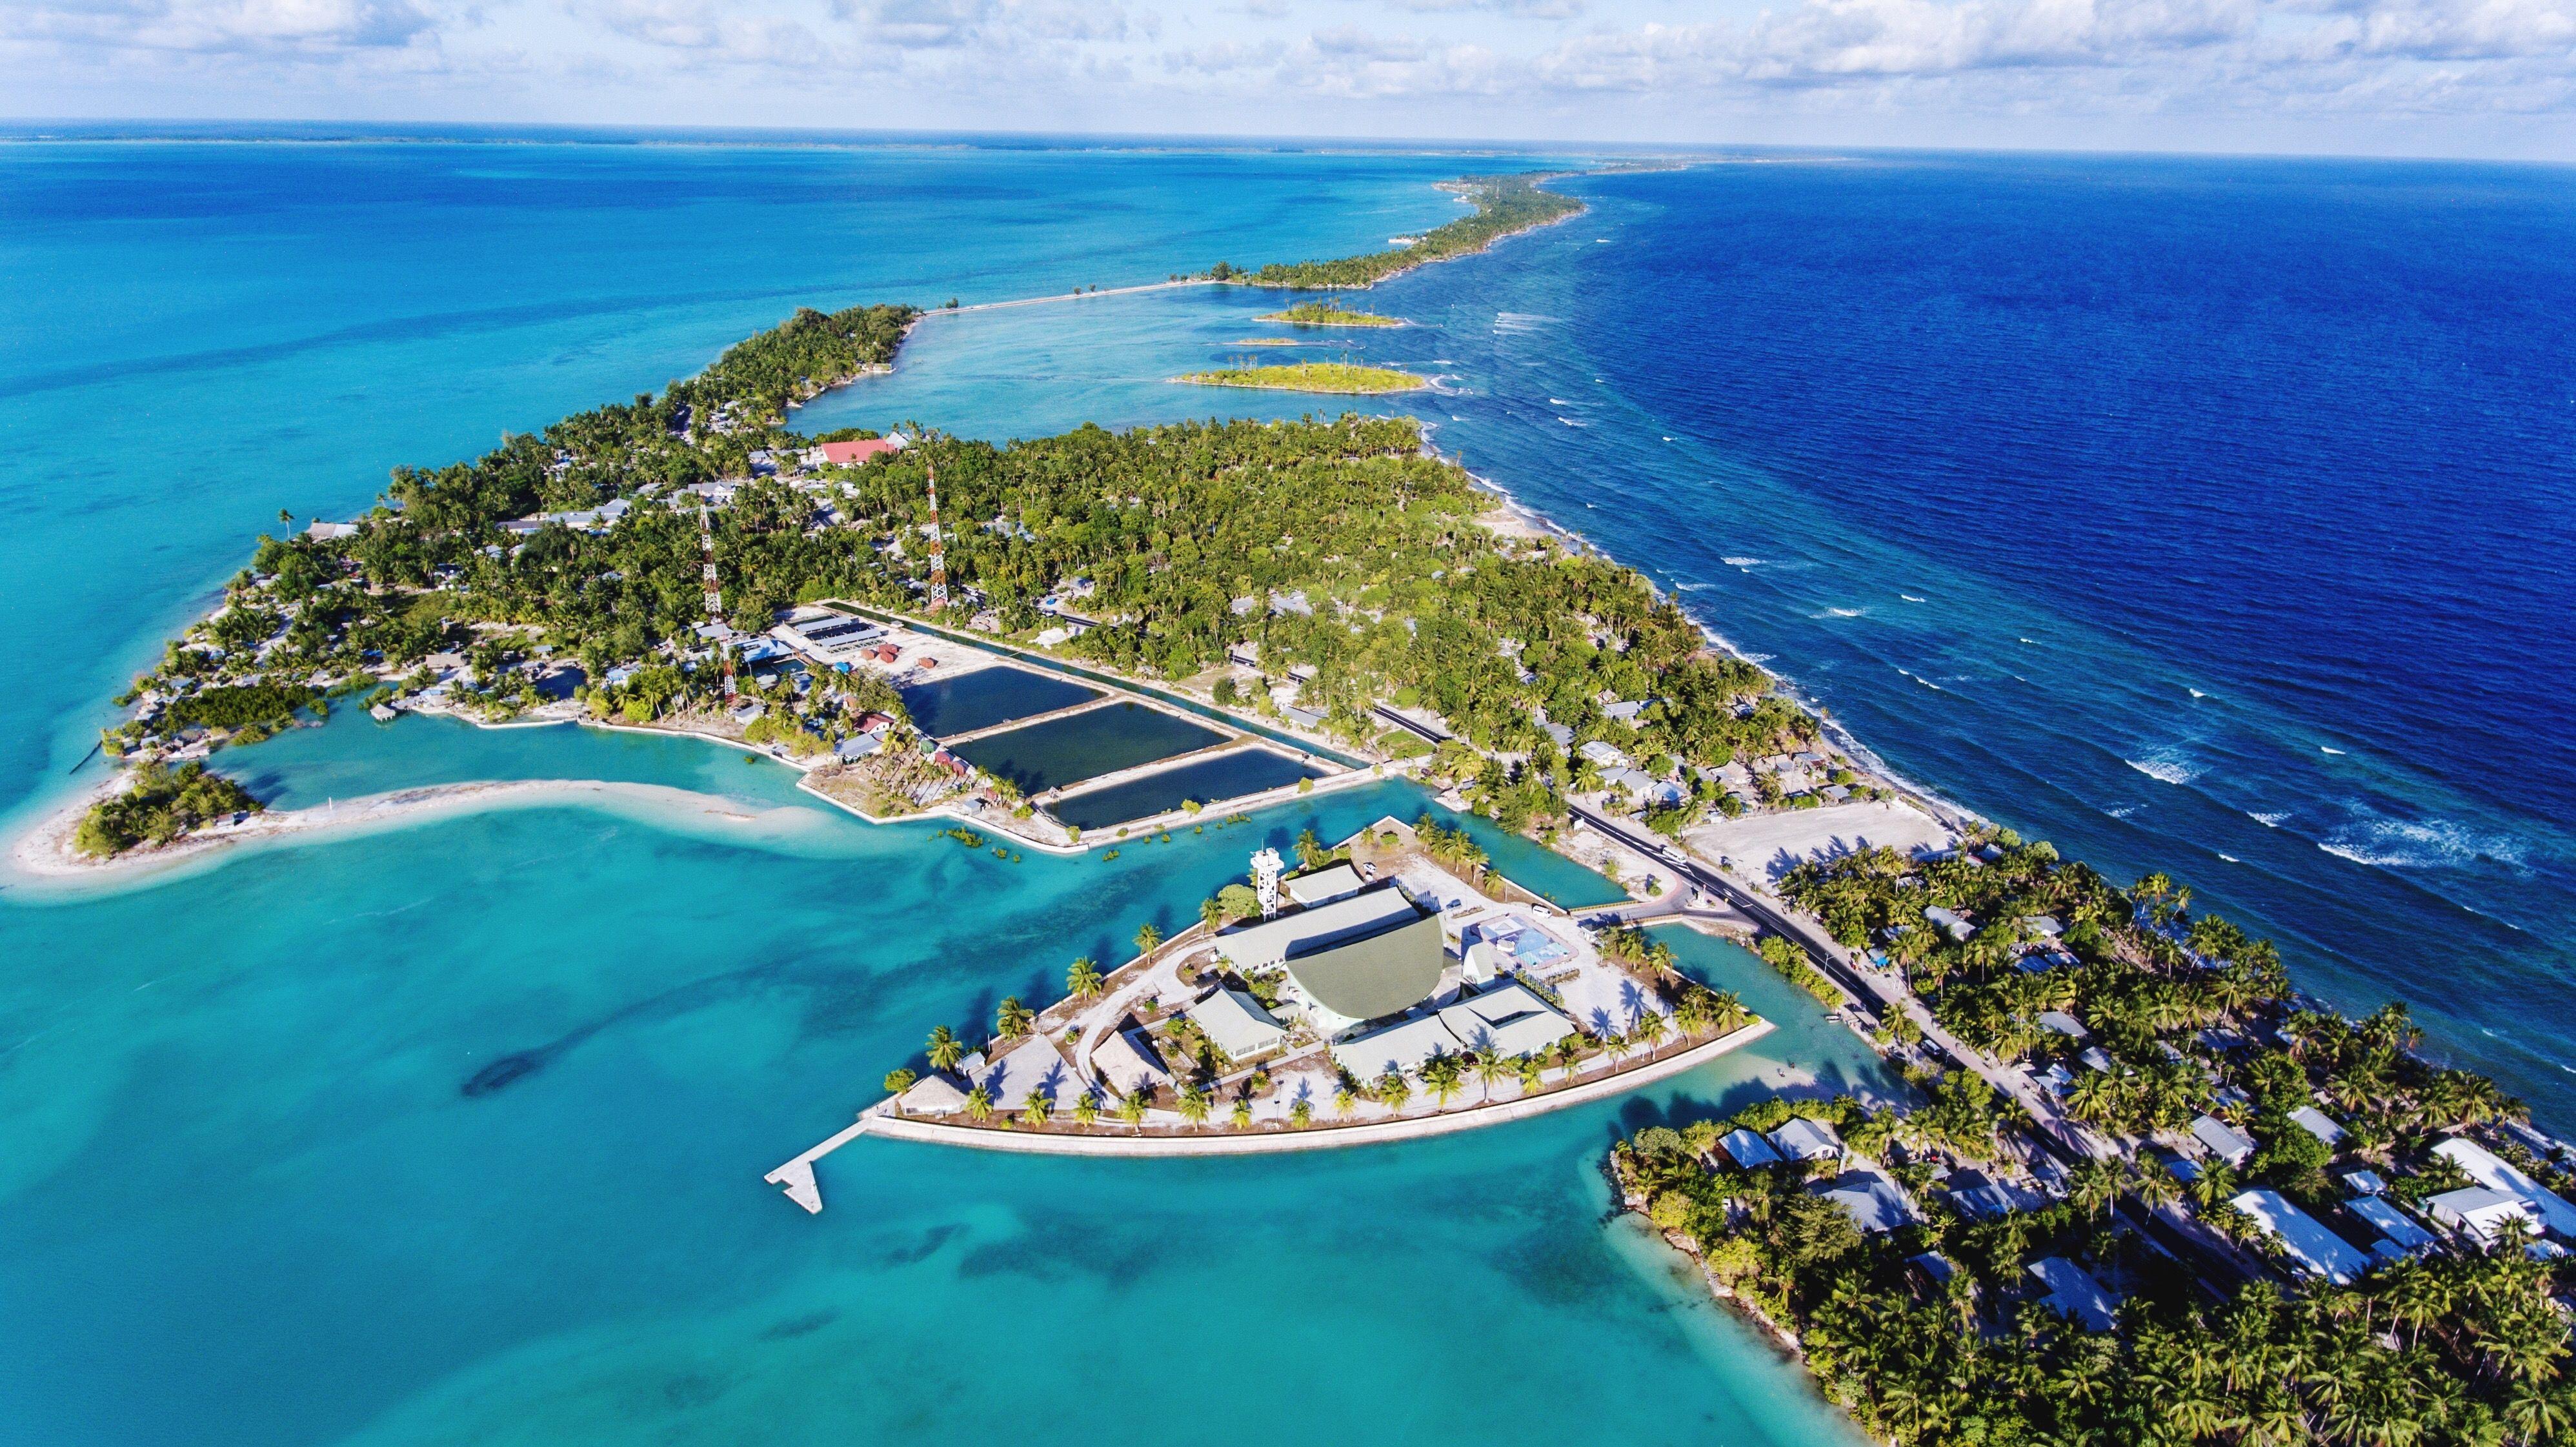 Aerial View of island of kiribati